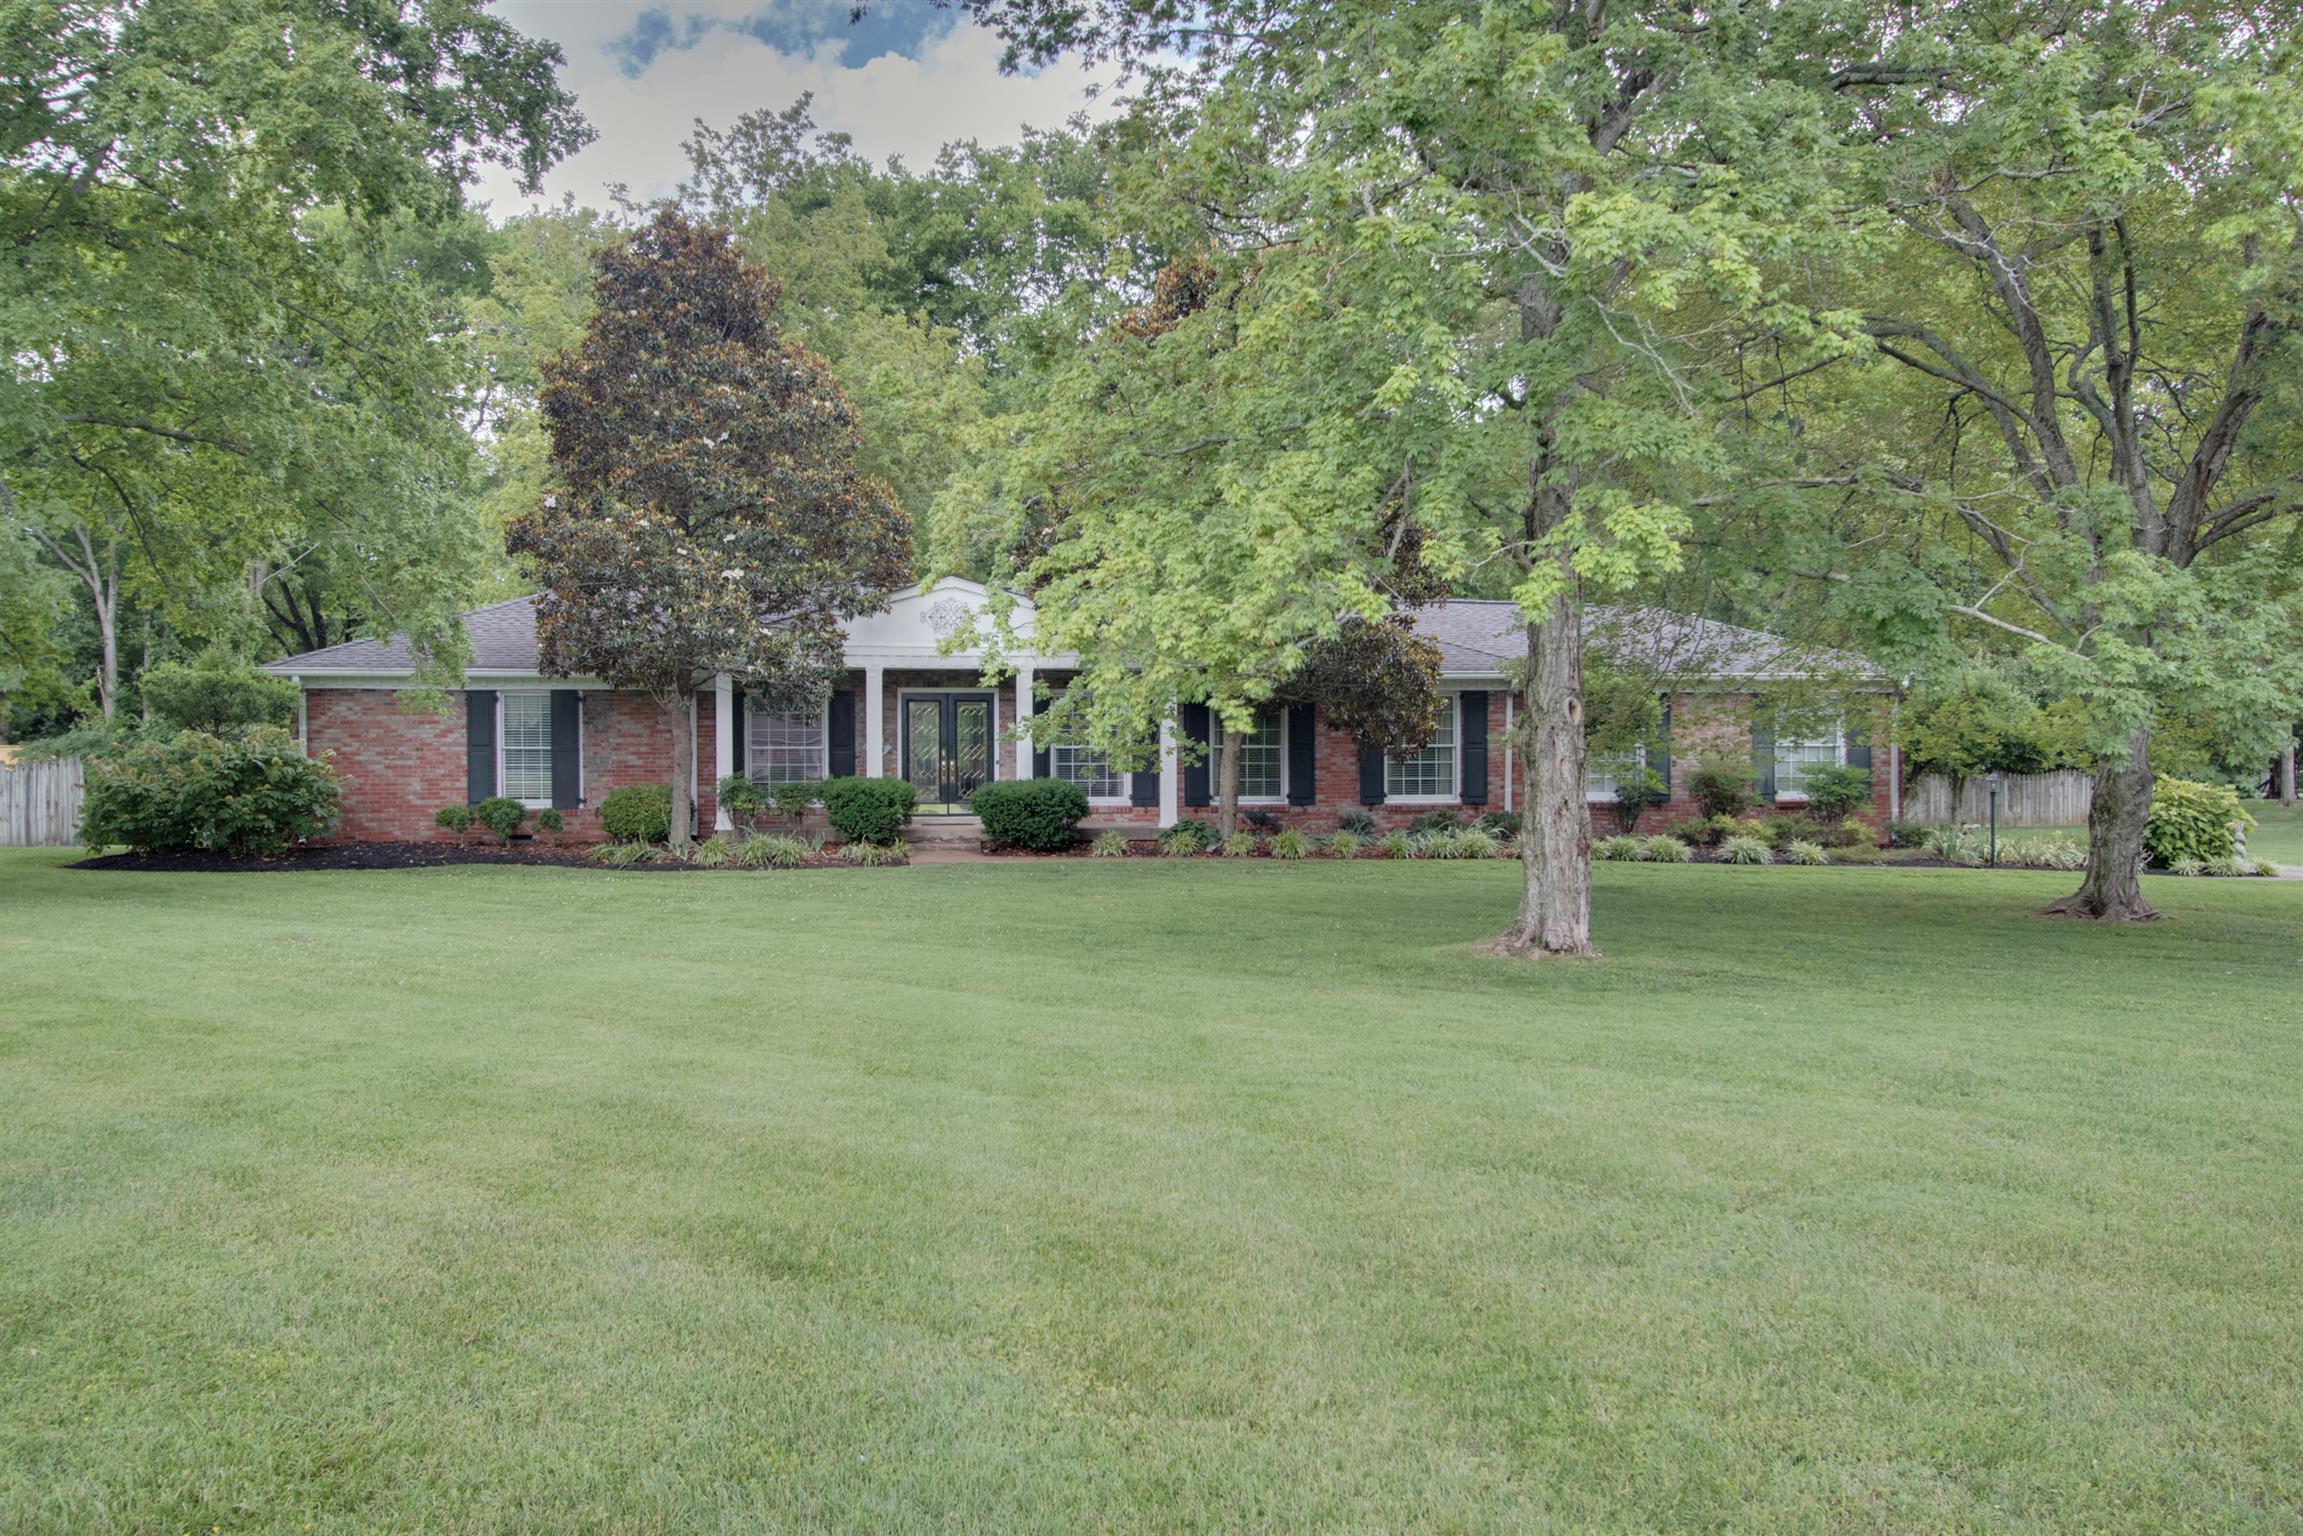 914 Waterswood Dr, Nashville, TN 37220 - Nashville, TN real estate listing